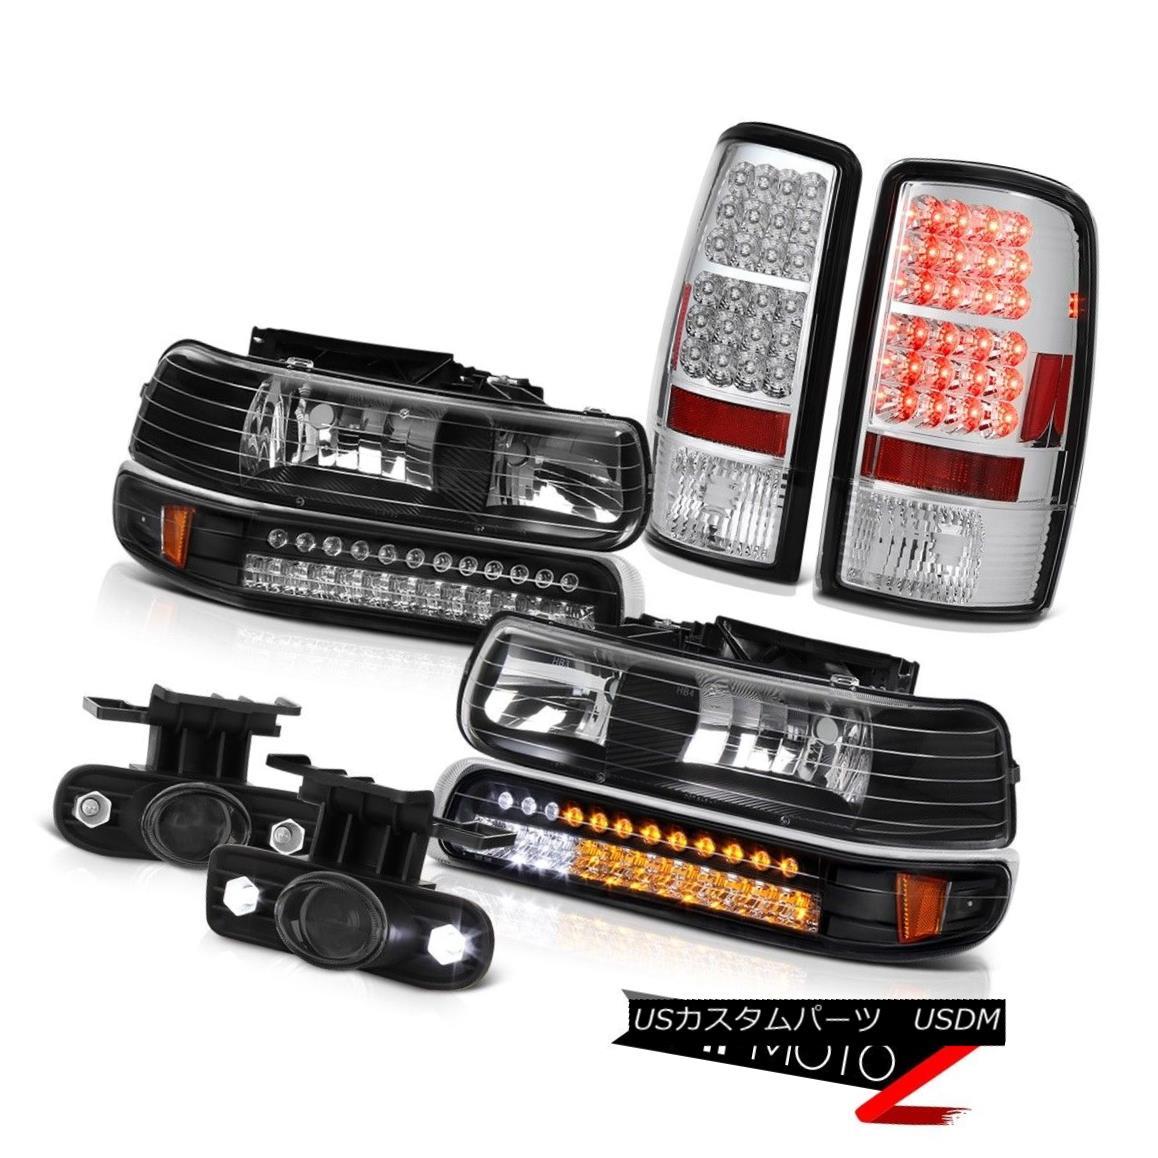 ヘッドライト 2000-06 Suburban 5.3L Black LED Bumper Headlights Bulb Tail Lamps Projector Fog 2000-06郊外5.3LブラックLEDバンパーヘッドライトバルブテールランププロジェクターフォグ